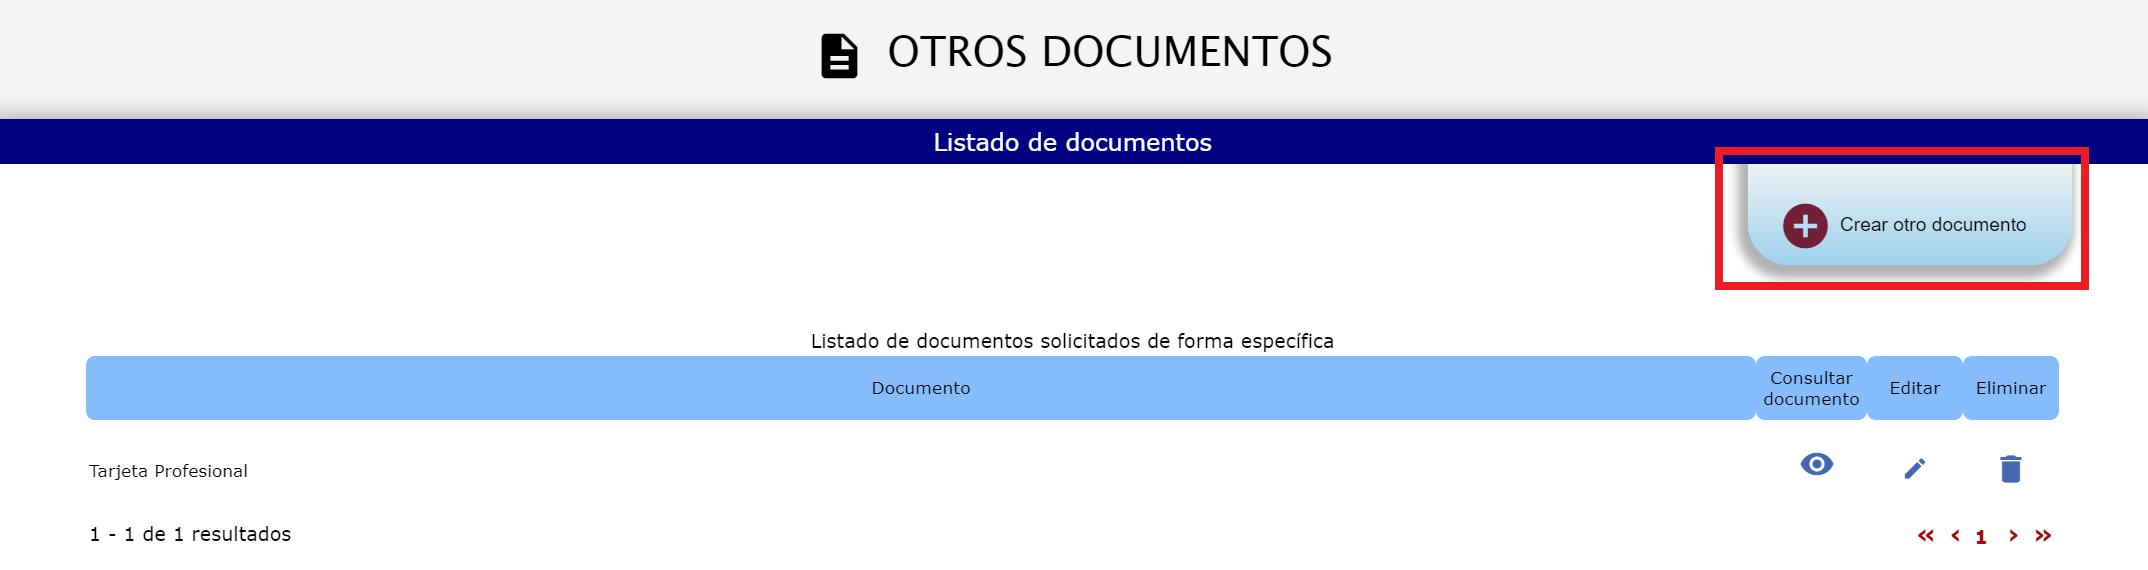 otros documentos simo